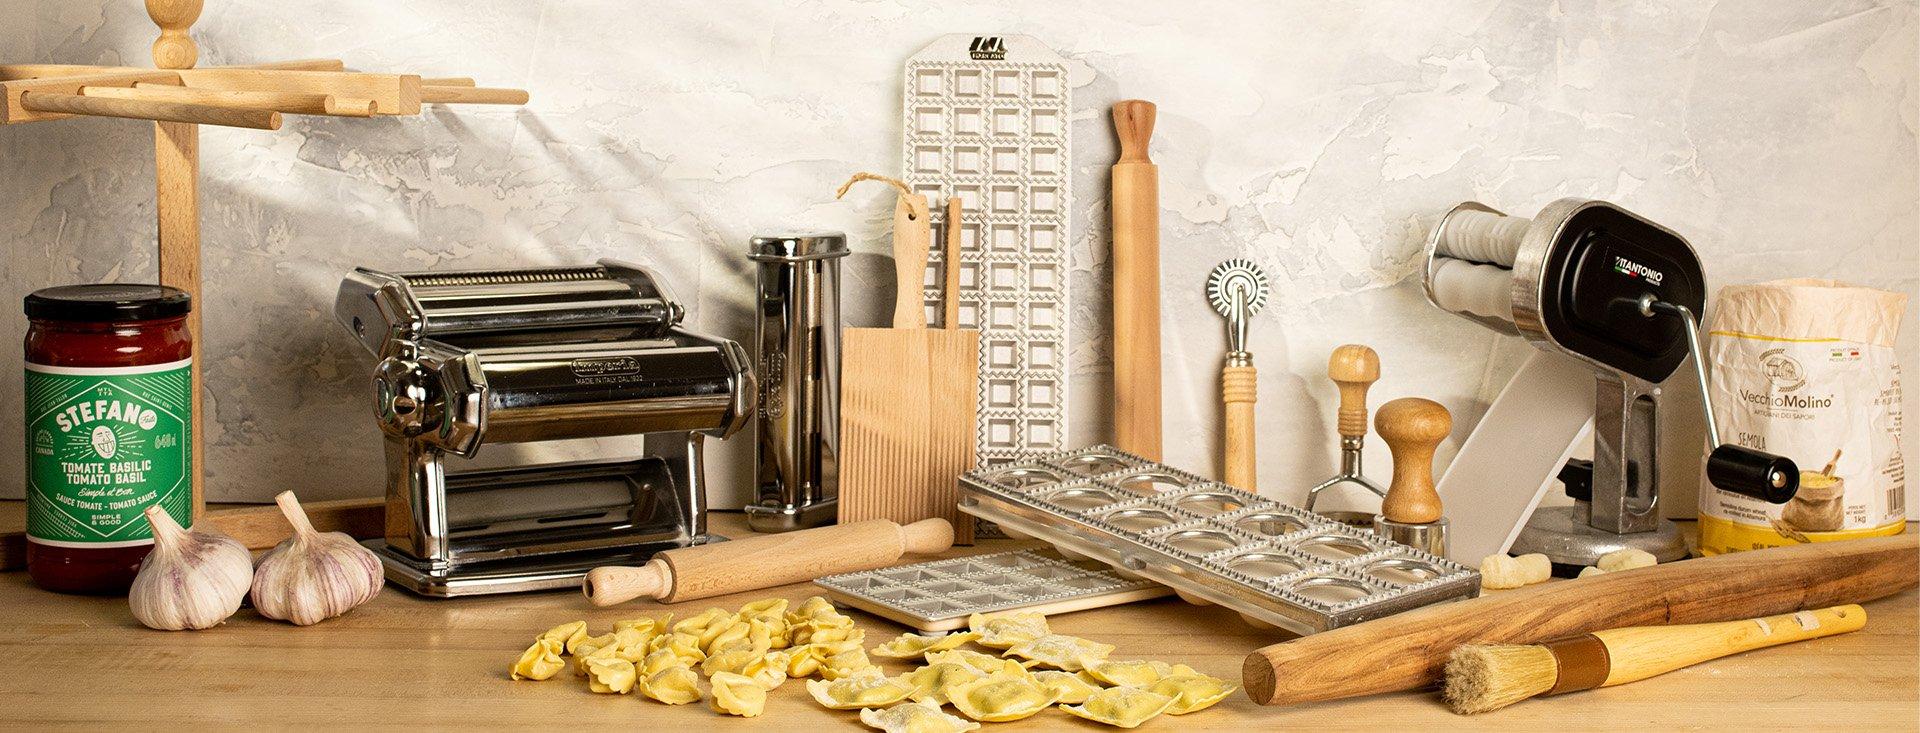 Article de cuisine montreal 28 images les 13 for Accessoires de cuisine montreal